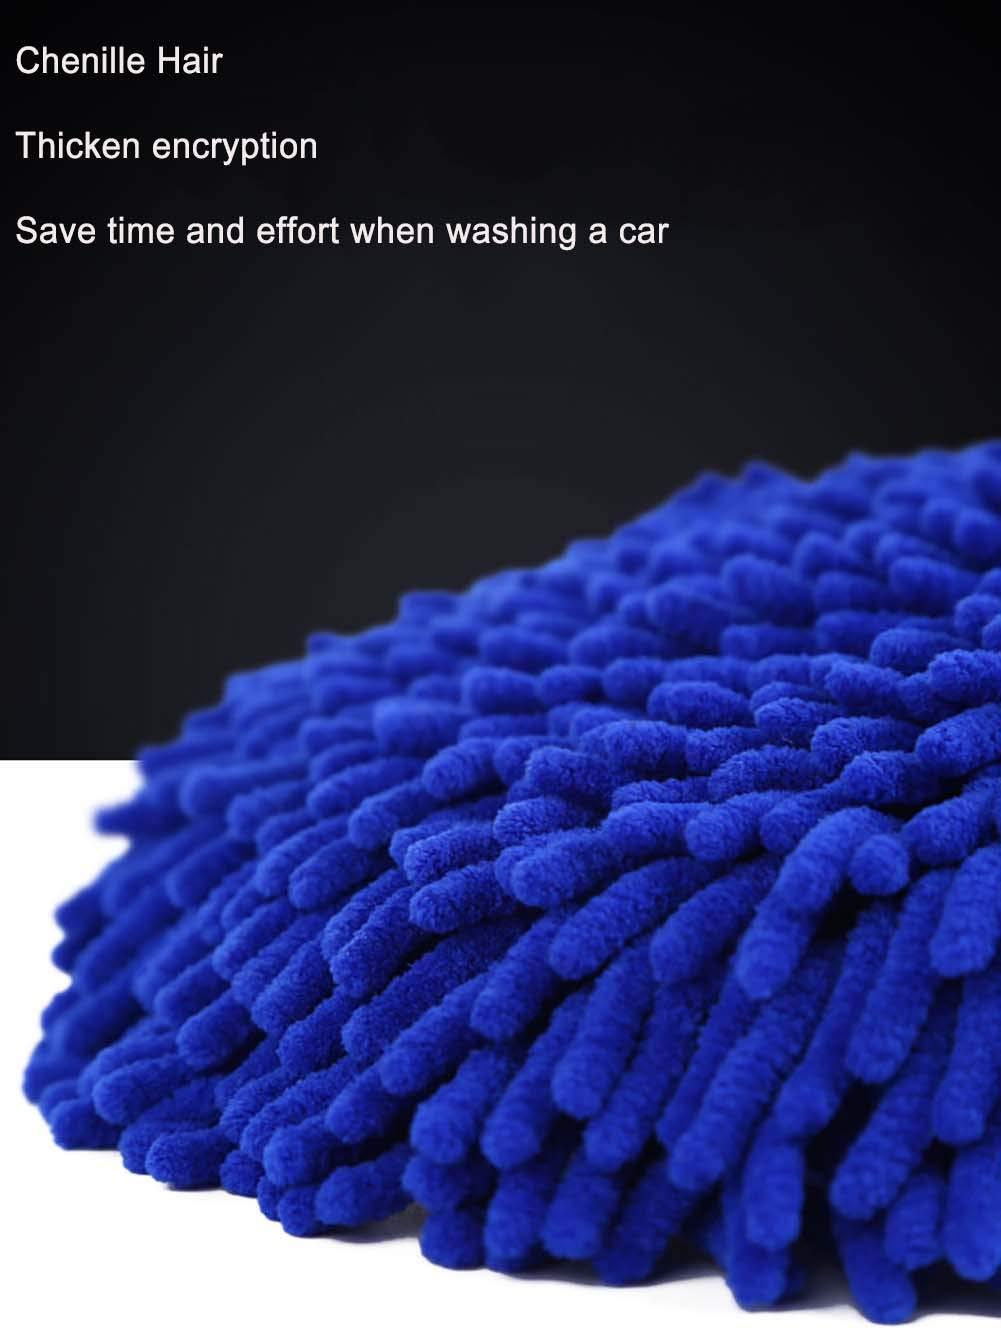 BMDHA Autowaschb/ürste Chenille Weiche B/ürste Wasche Mop Wird Die Farbe Nicht Verletzen 62-97Cm,B